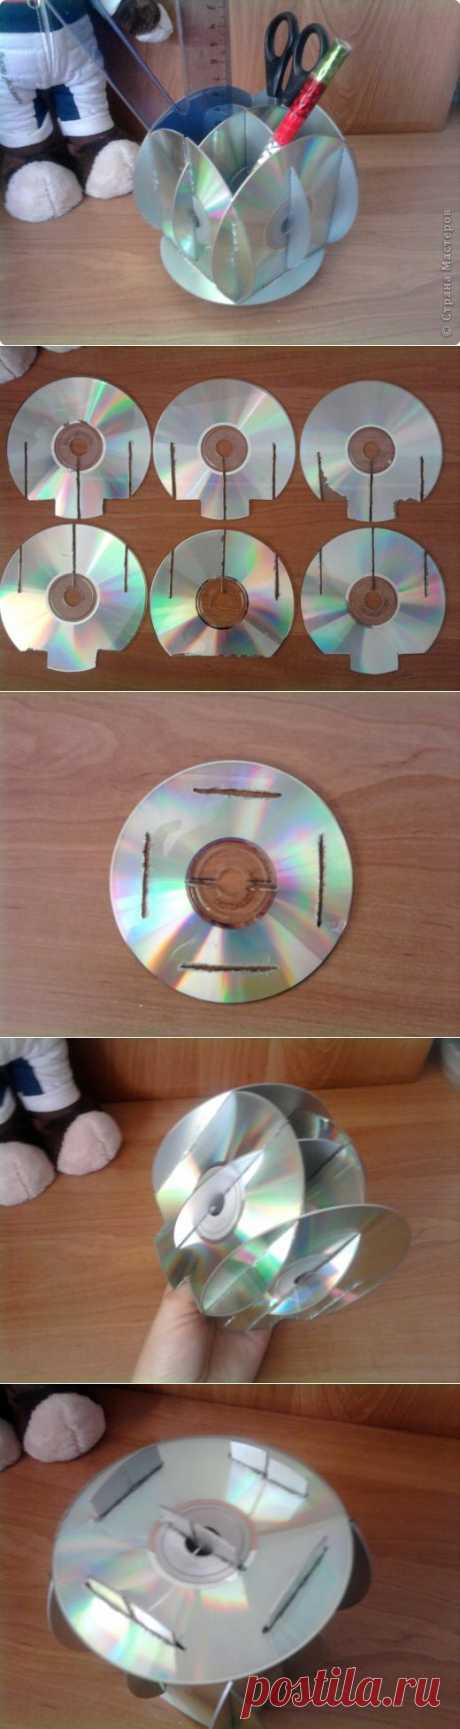 Подставка для ручек из дисков + МК | Страна Мастеров